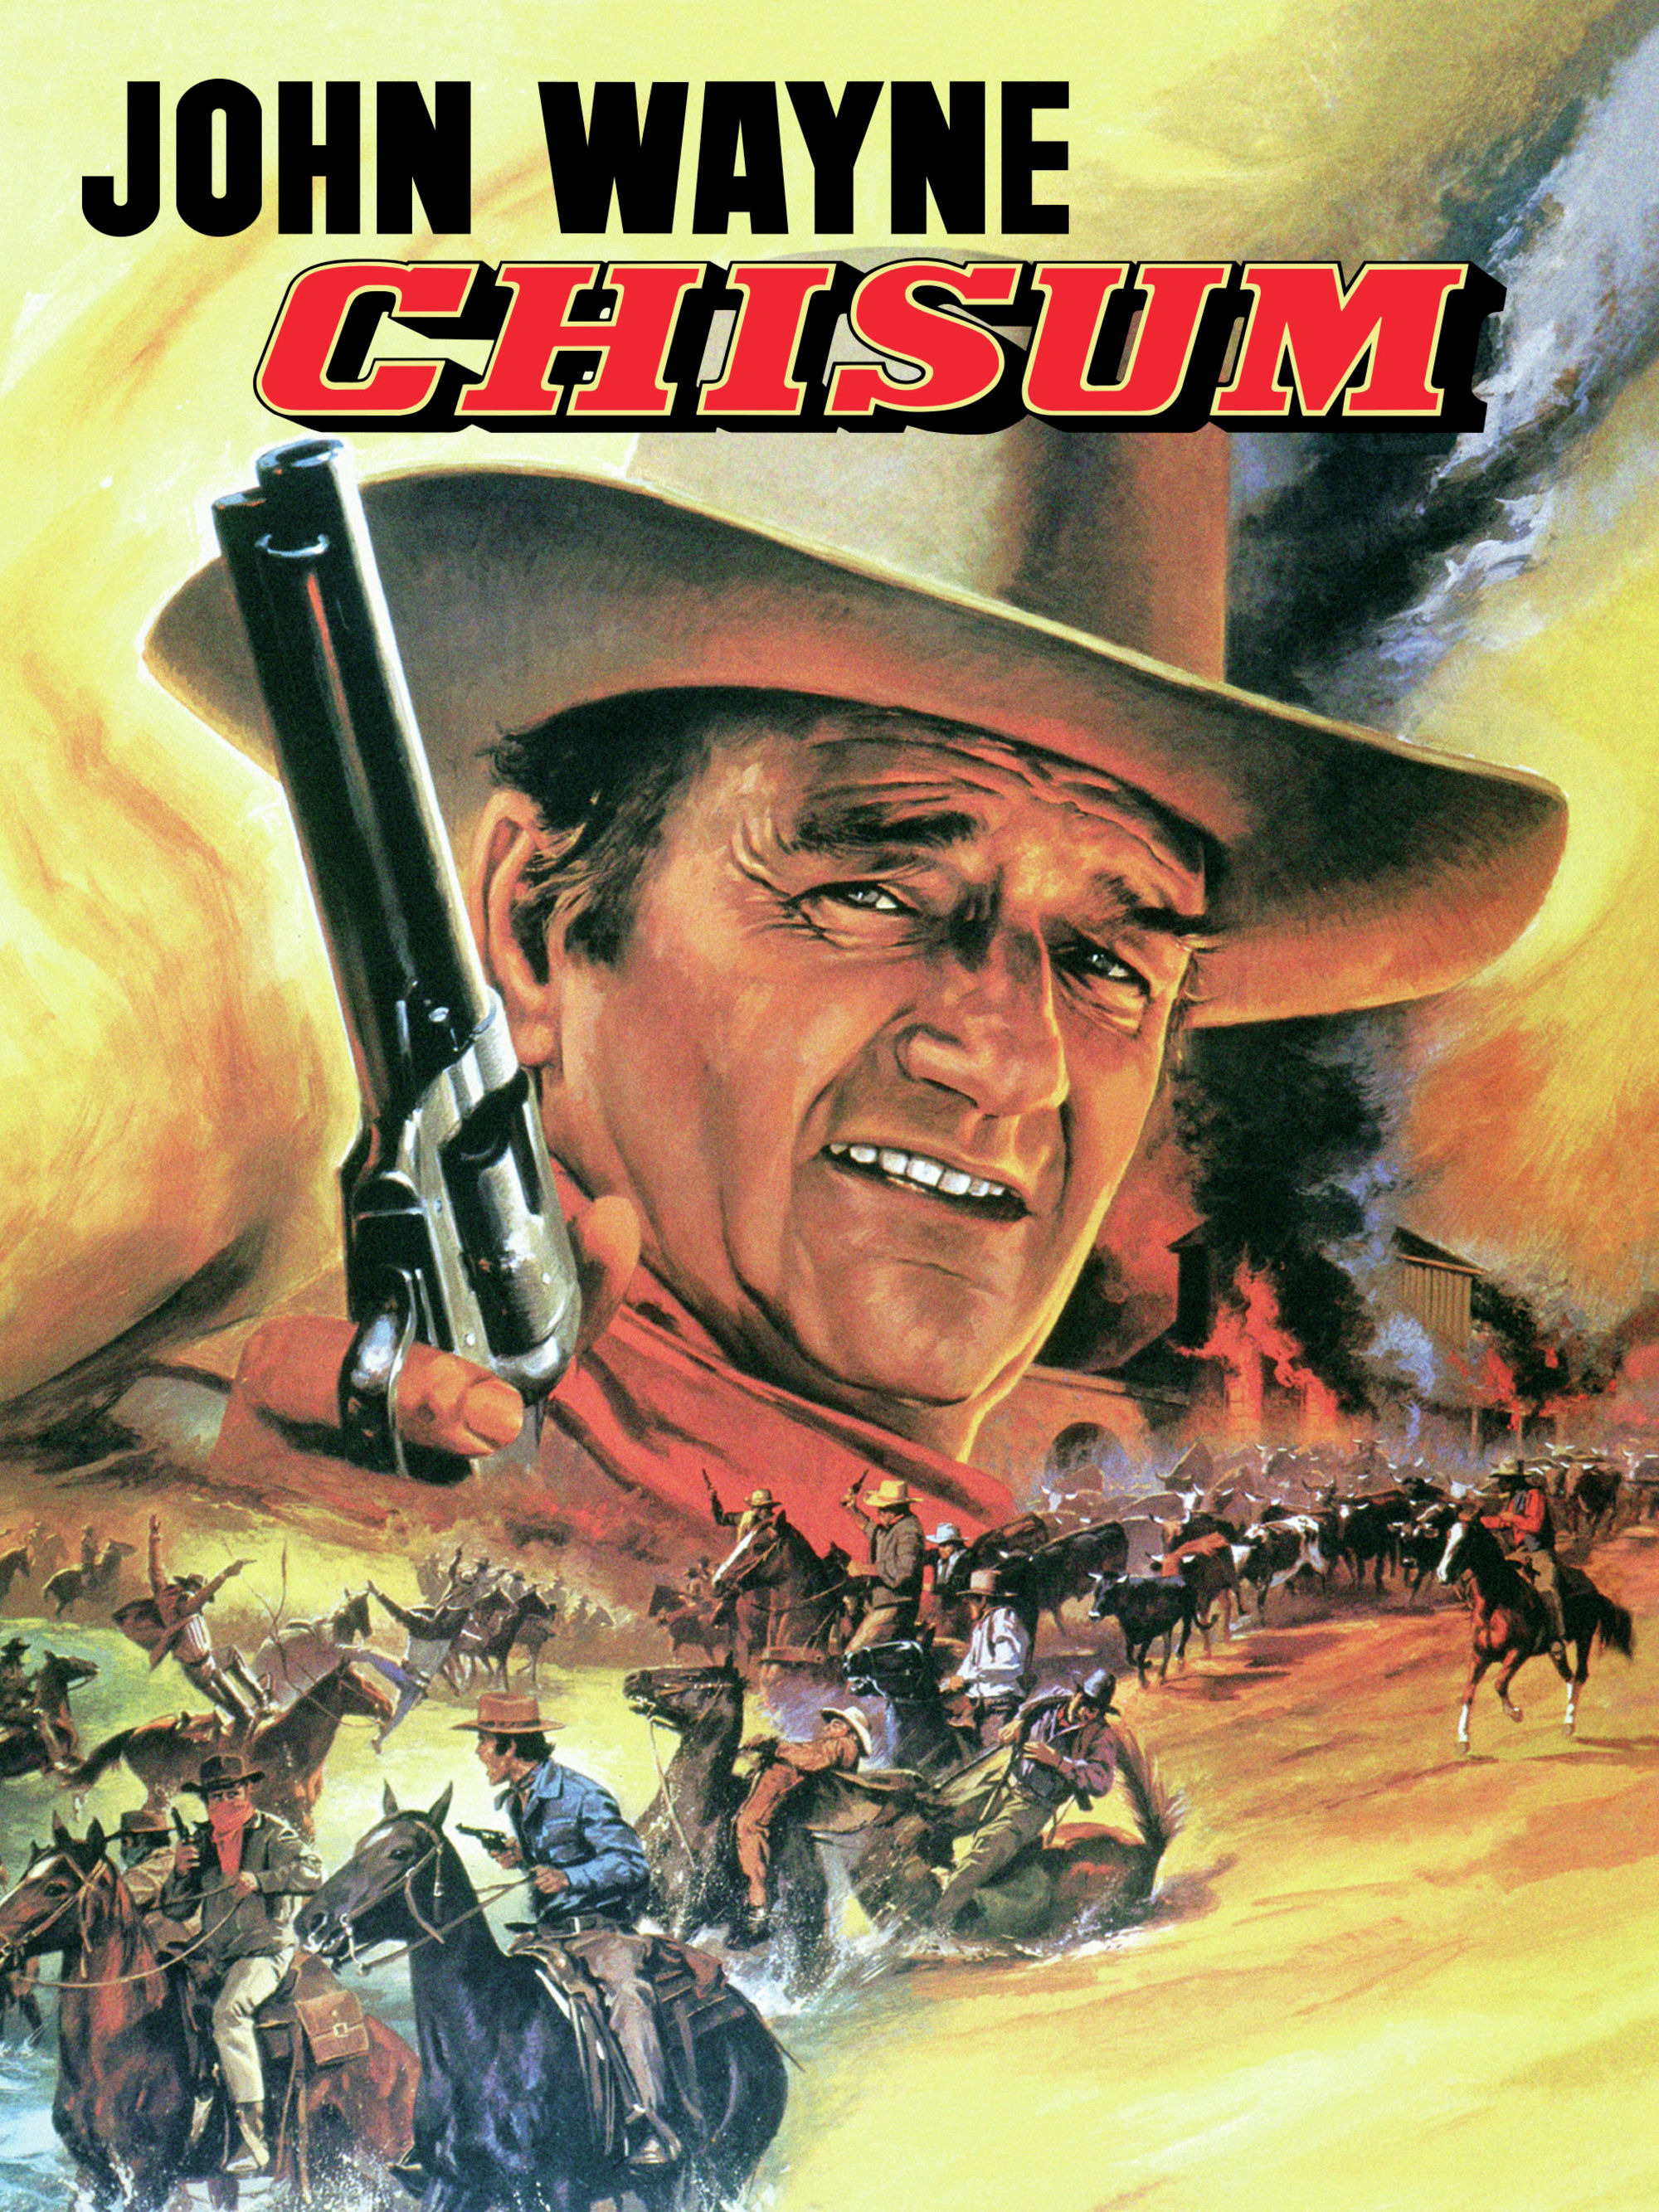 Chisum